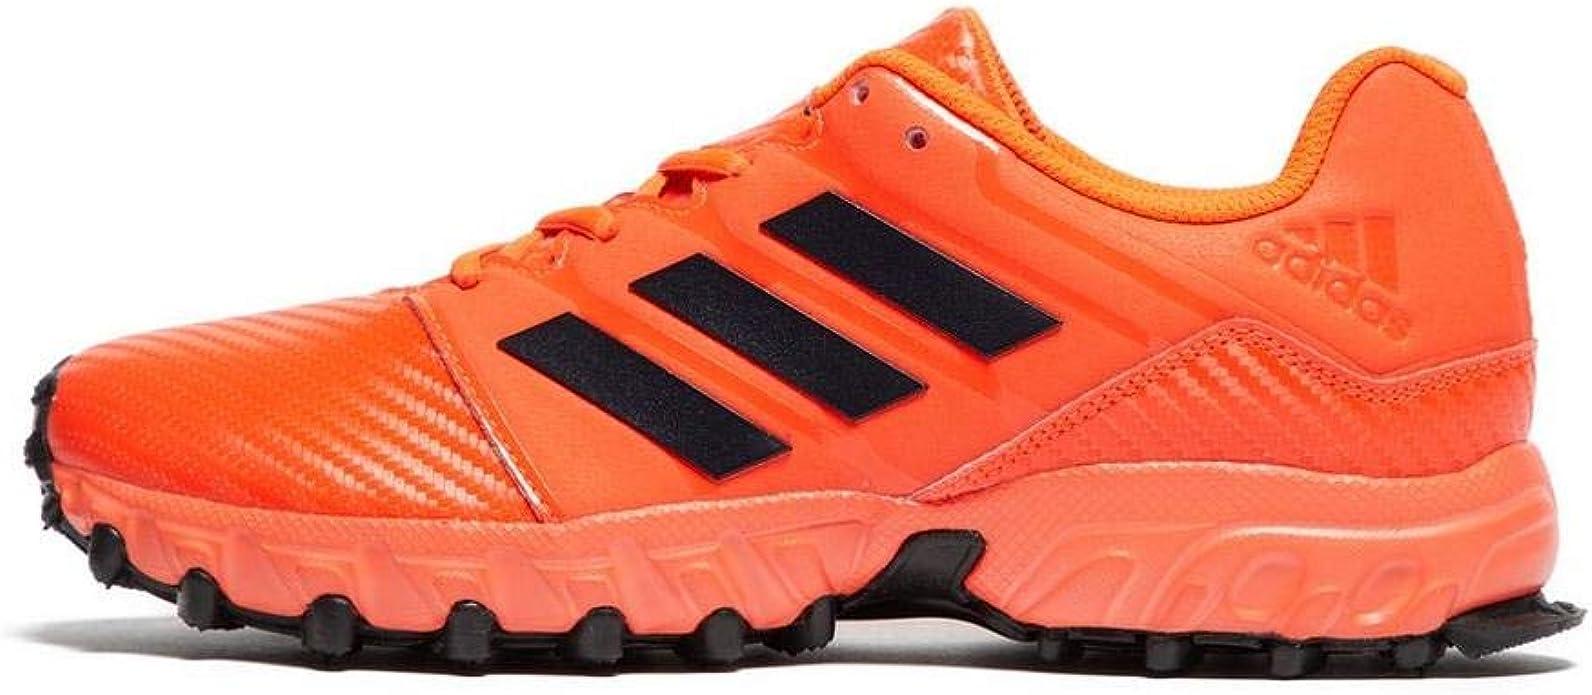 Zapatillas de Deporte Junior Lux de Adidas, Rojo, 36: Amazon.es: Zapatos y complementos